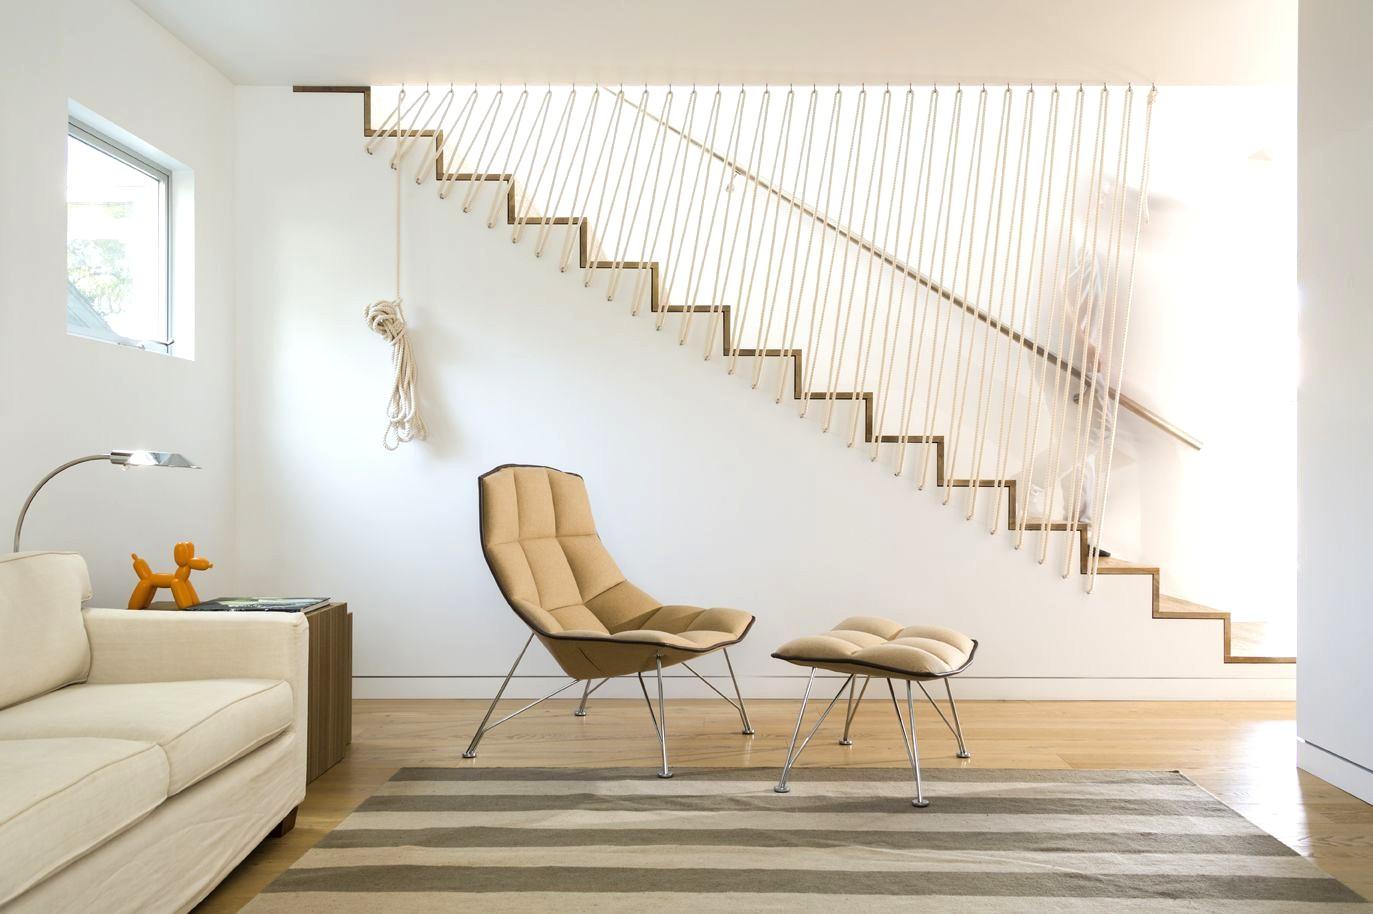 Berkat railing tangga ini, kreativitas dalam sebuah ruang memberi nilai lebih pada rumah. (Foto: rileyarchitects.com)